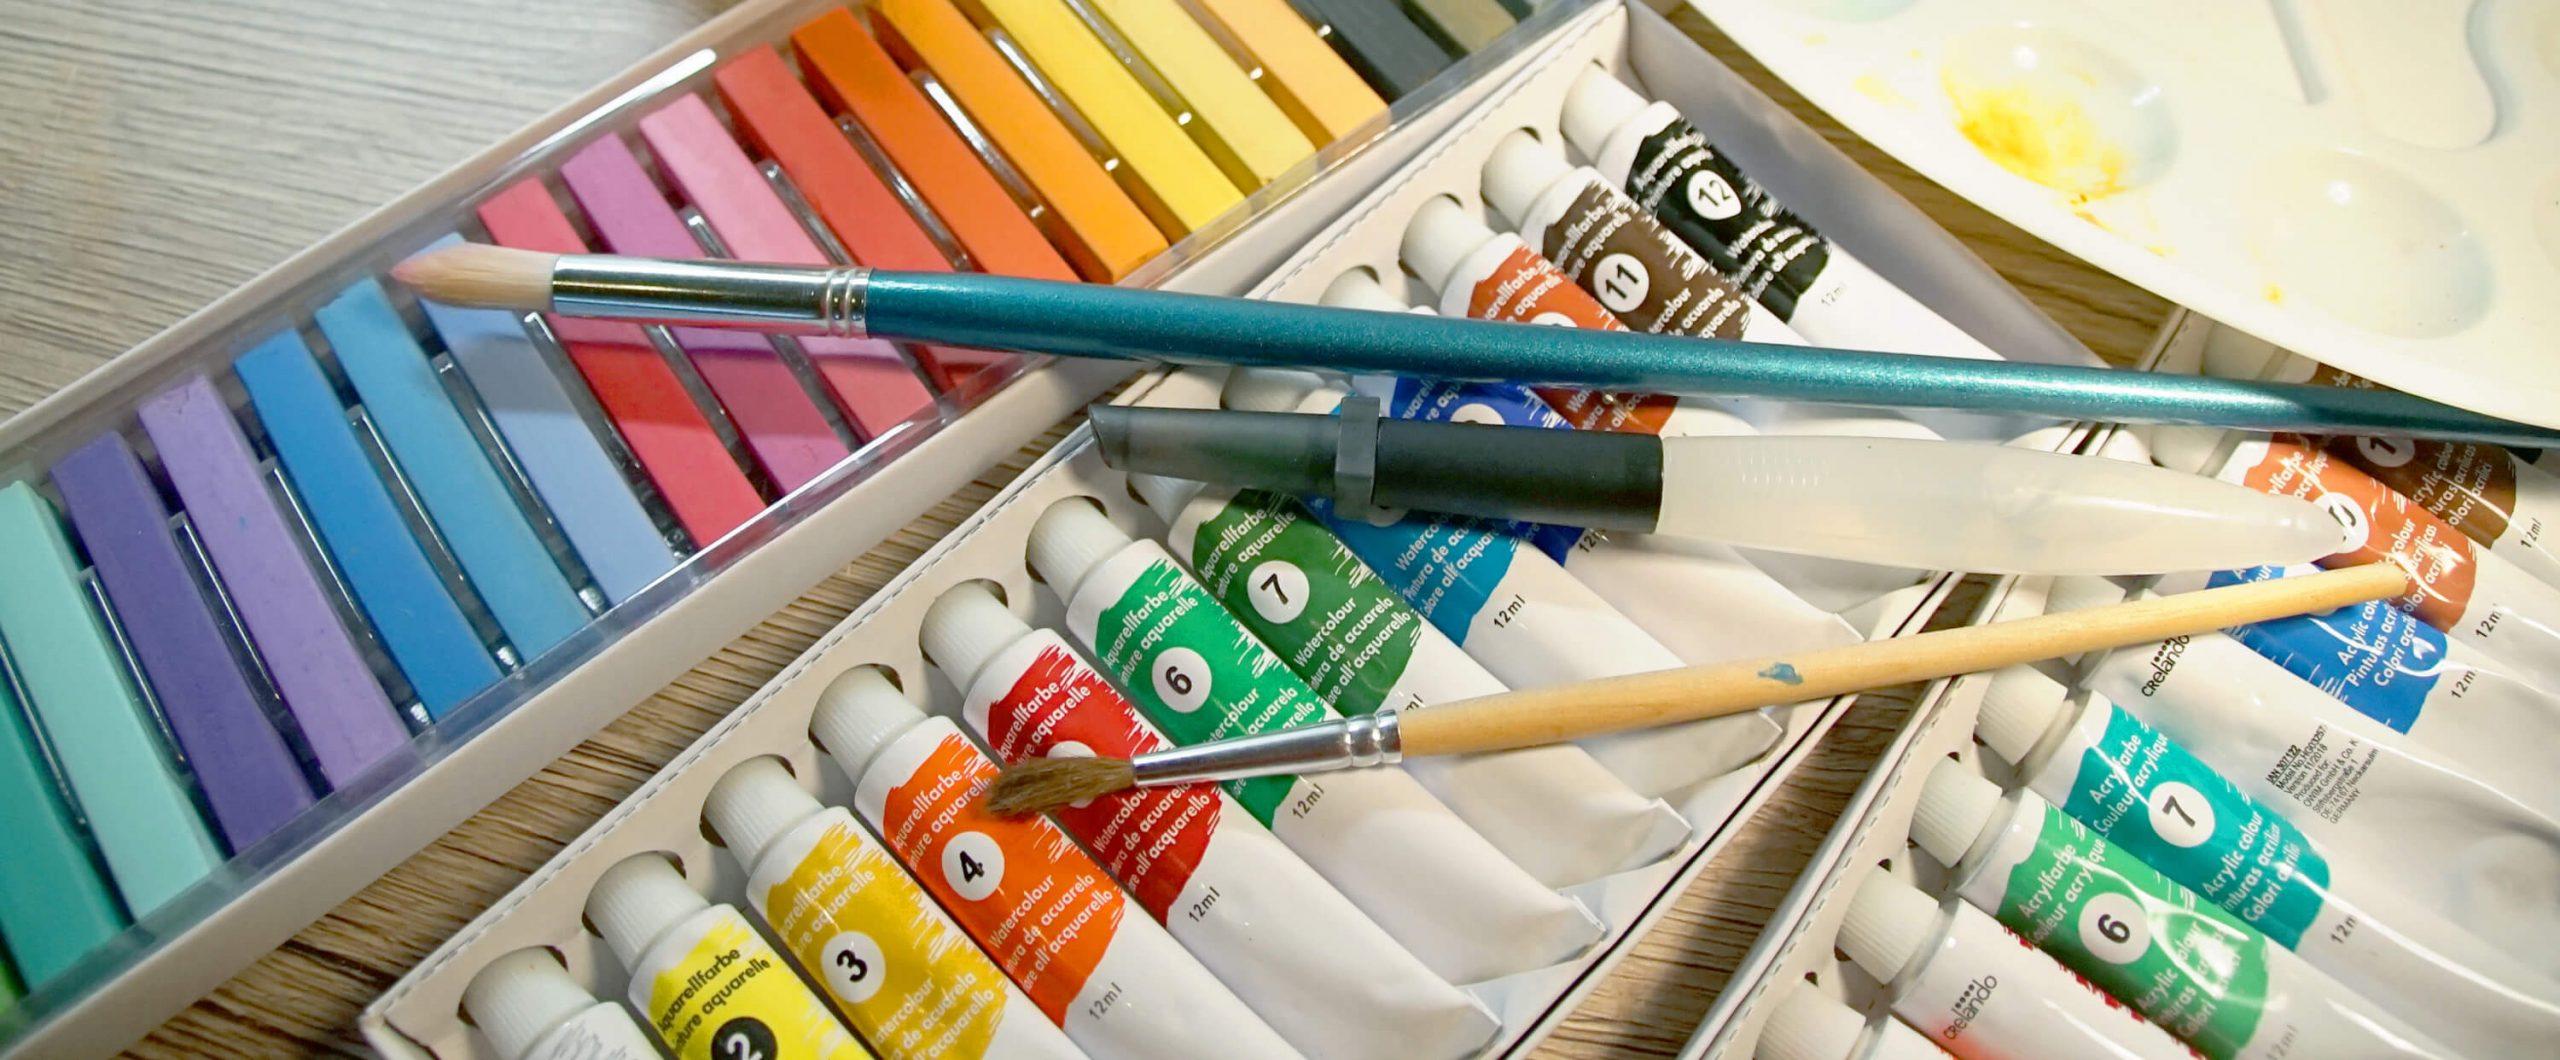 Marken bei Künstlermaterialien